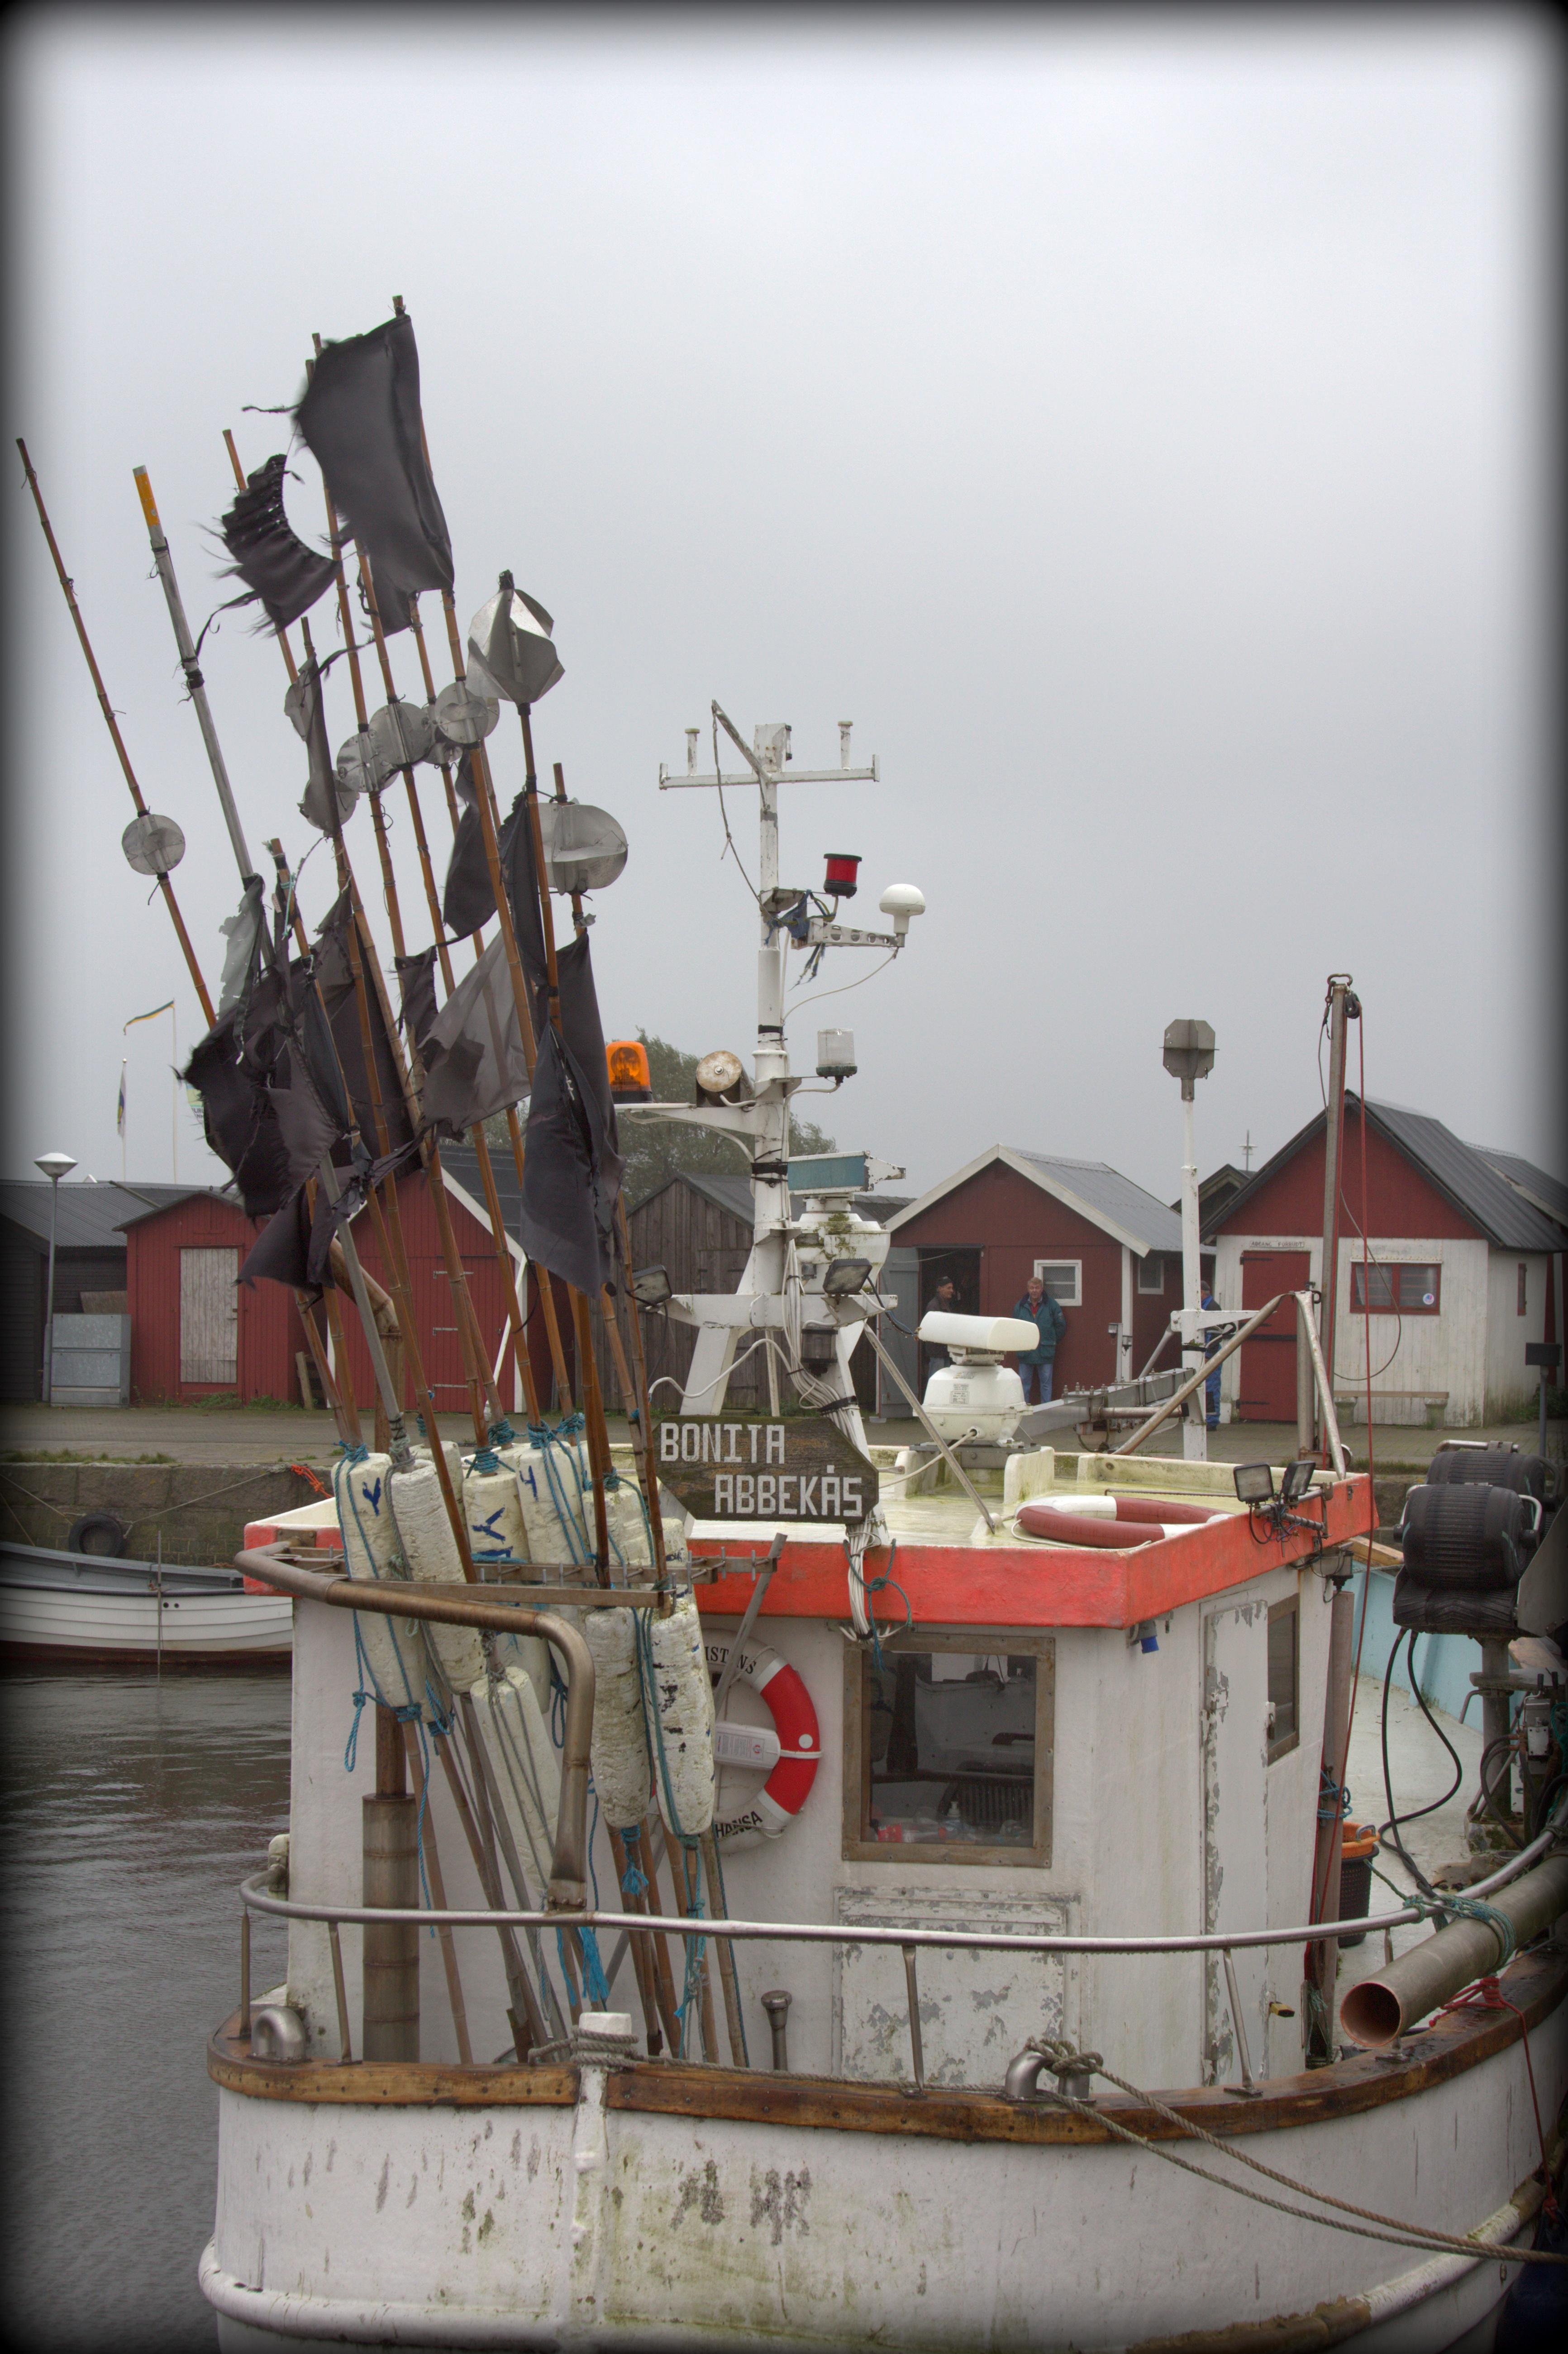 Sydkusten Skåne Abbekås